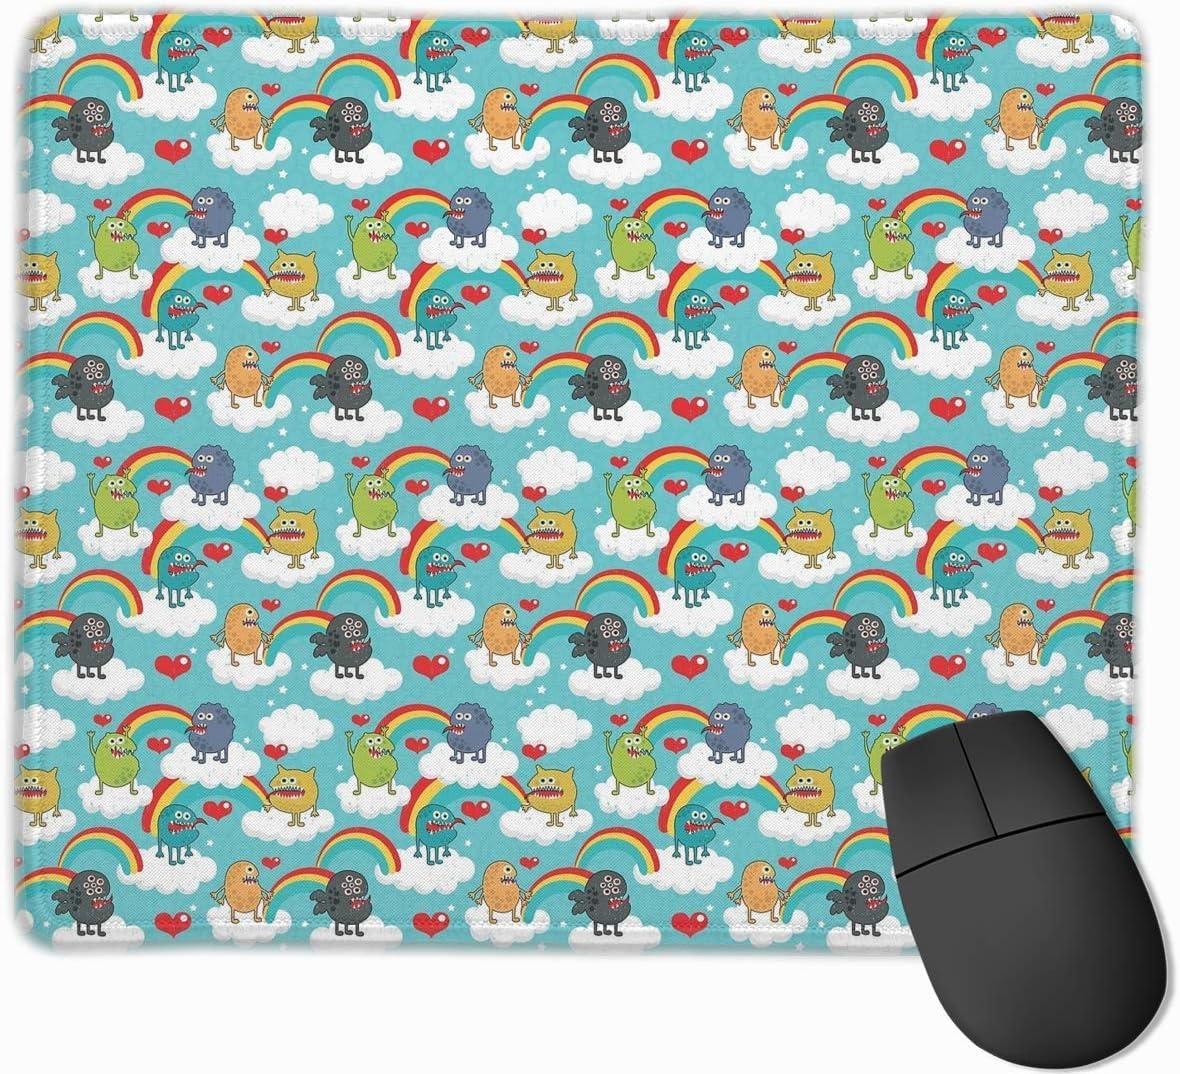 Almohadilla para el Mouse de la Base del Juego cómodo de Calidad del Virus de Las bacterias de la Historieta con el tamaño Cosido 11.81 * 9.84 de los Bordes cosidos: Amazon.es: Electrónica